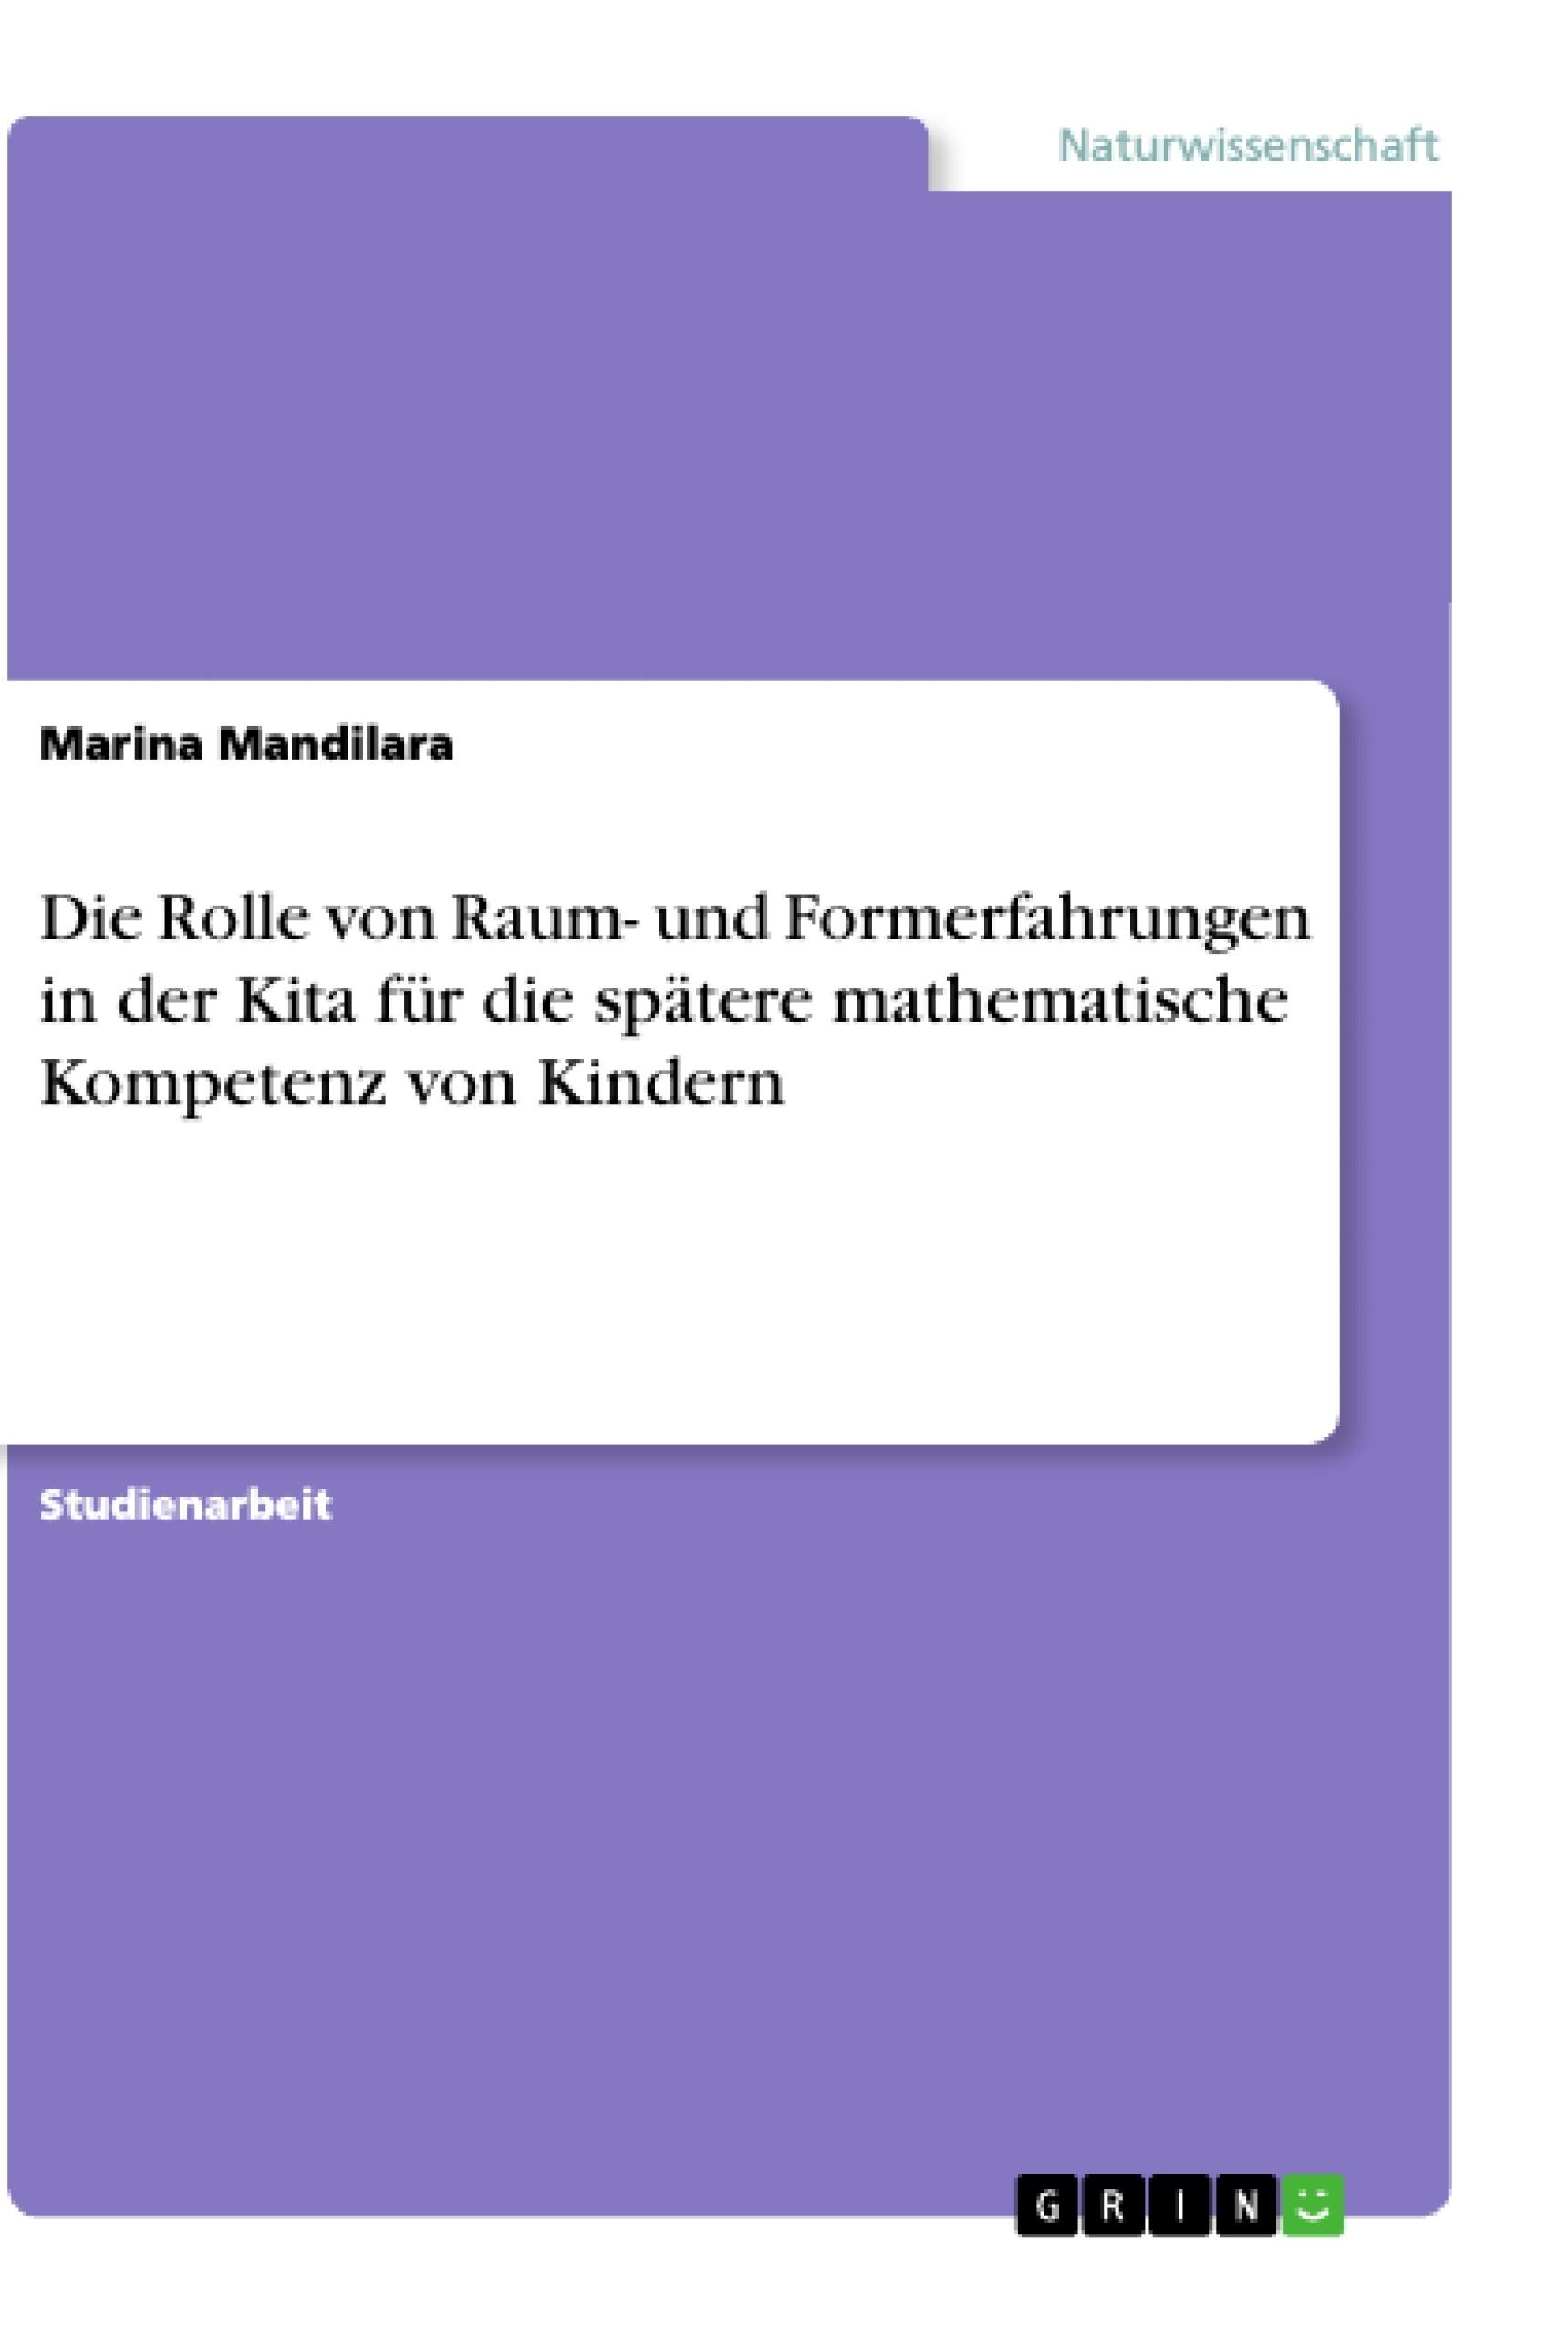 Titel: Die Rolle von Raum- und Formerfahrungen in der Kita für die spätere mathematische Kompetenz von Kindern